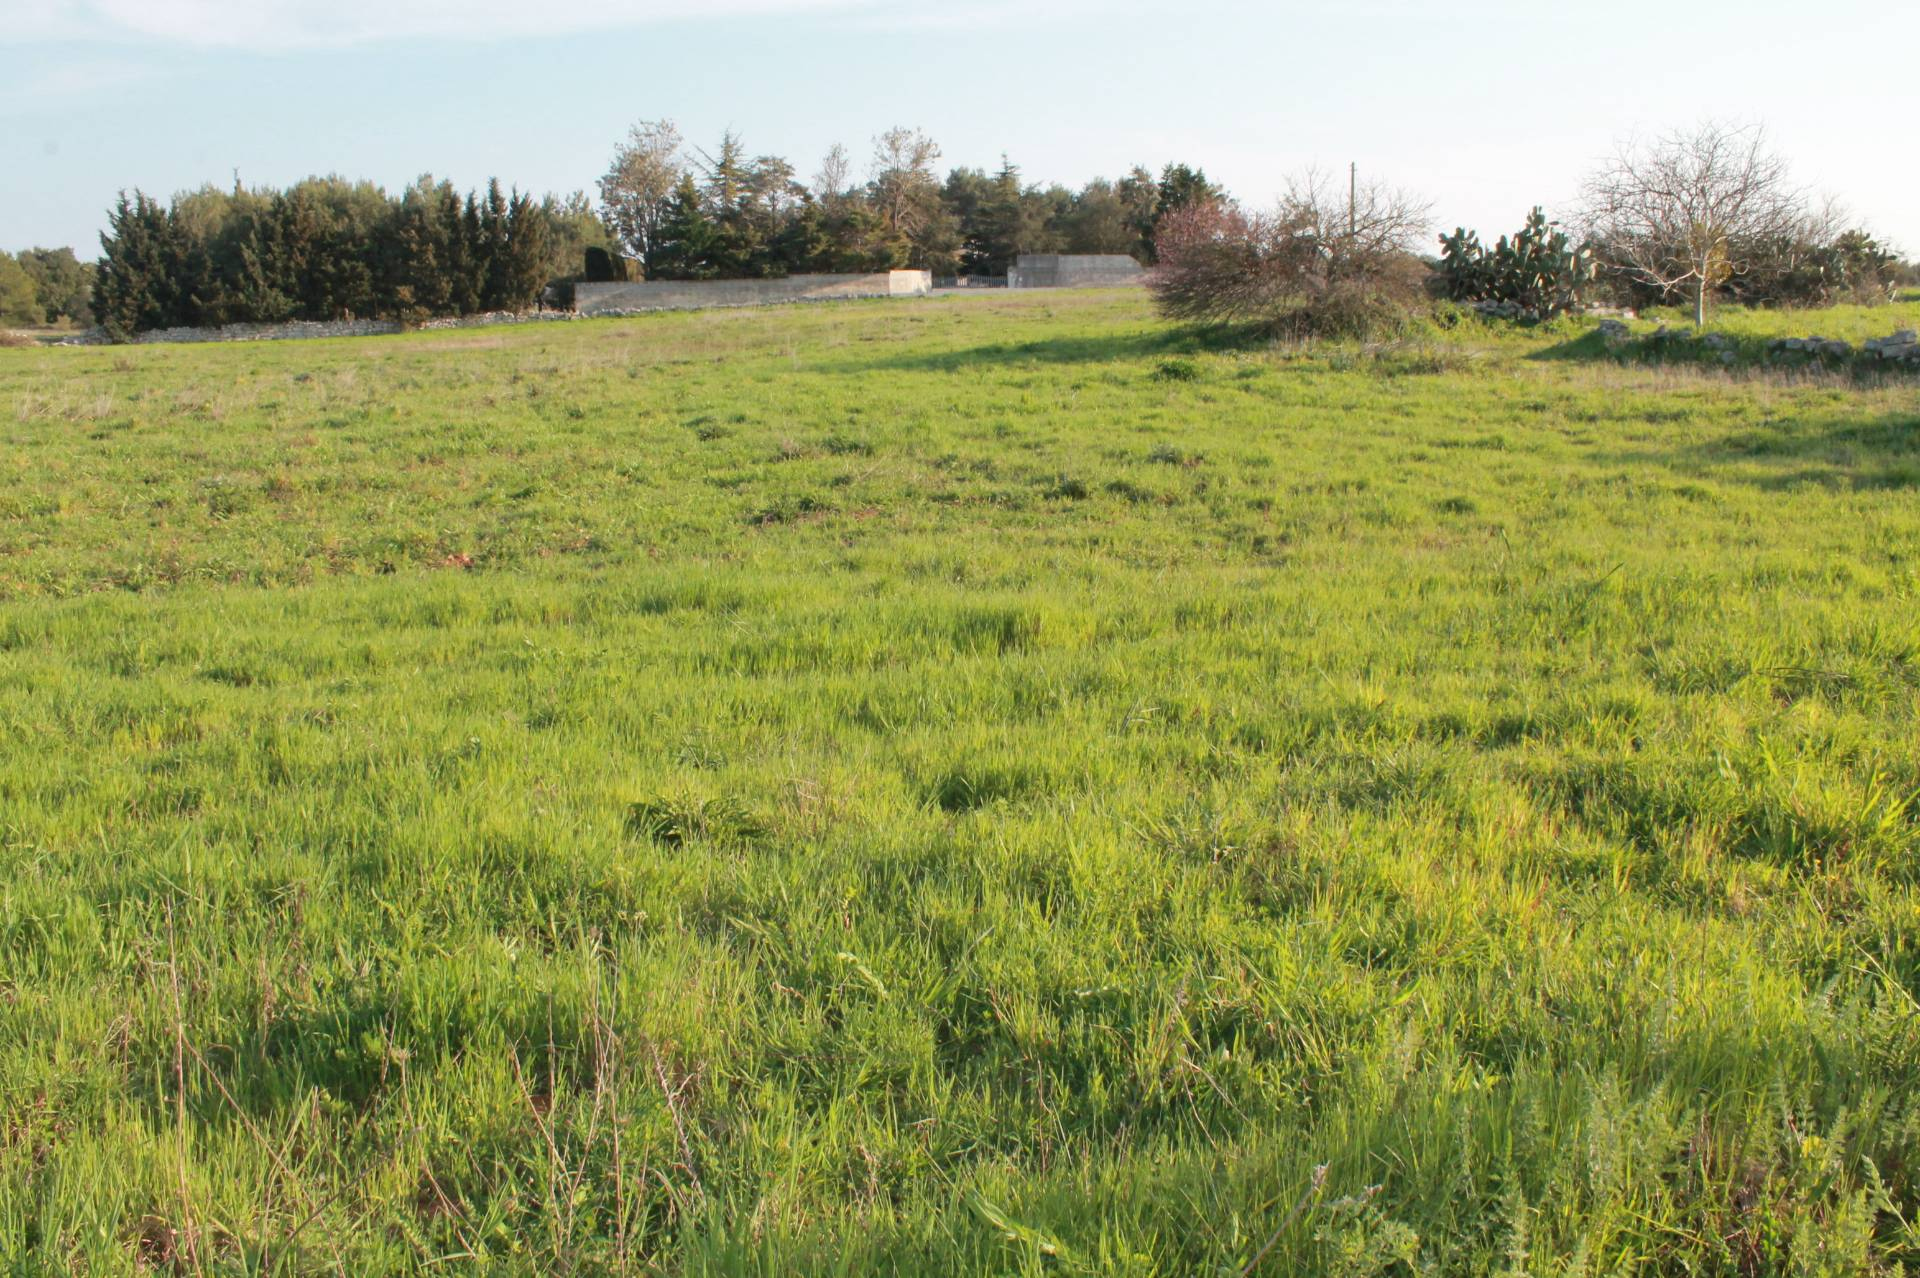 Terreno Agricolo in vendita a Poggiardo, 9999 locali, prezzo € 53.000 | CambioCasa.it